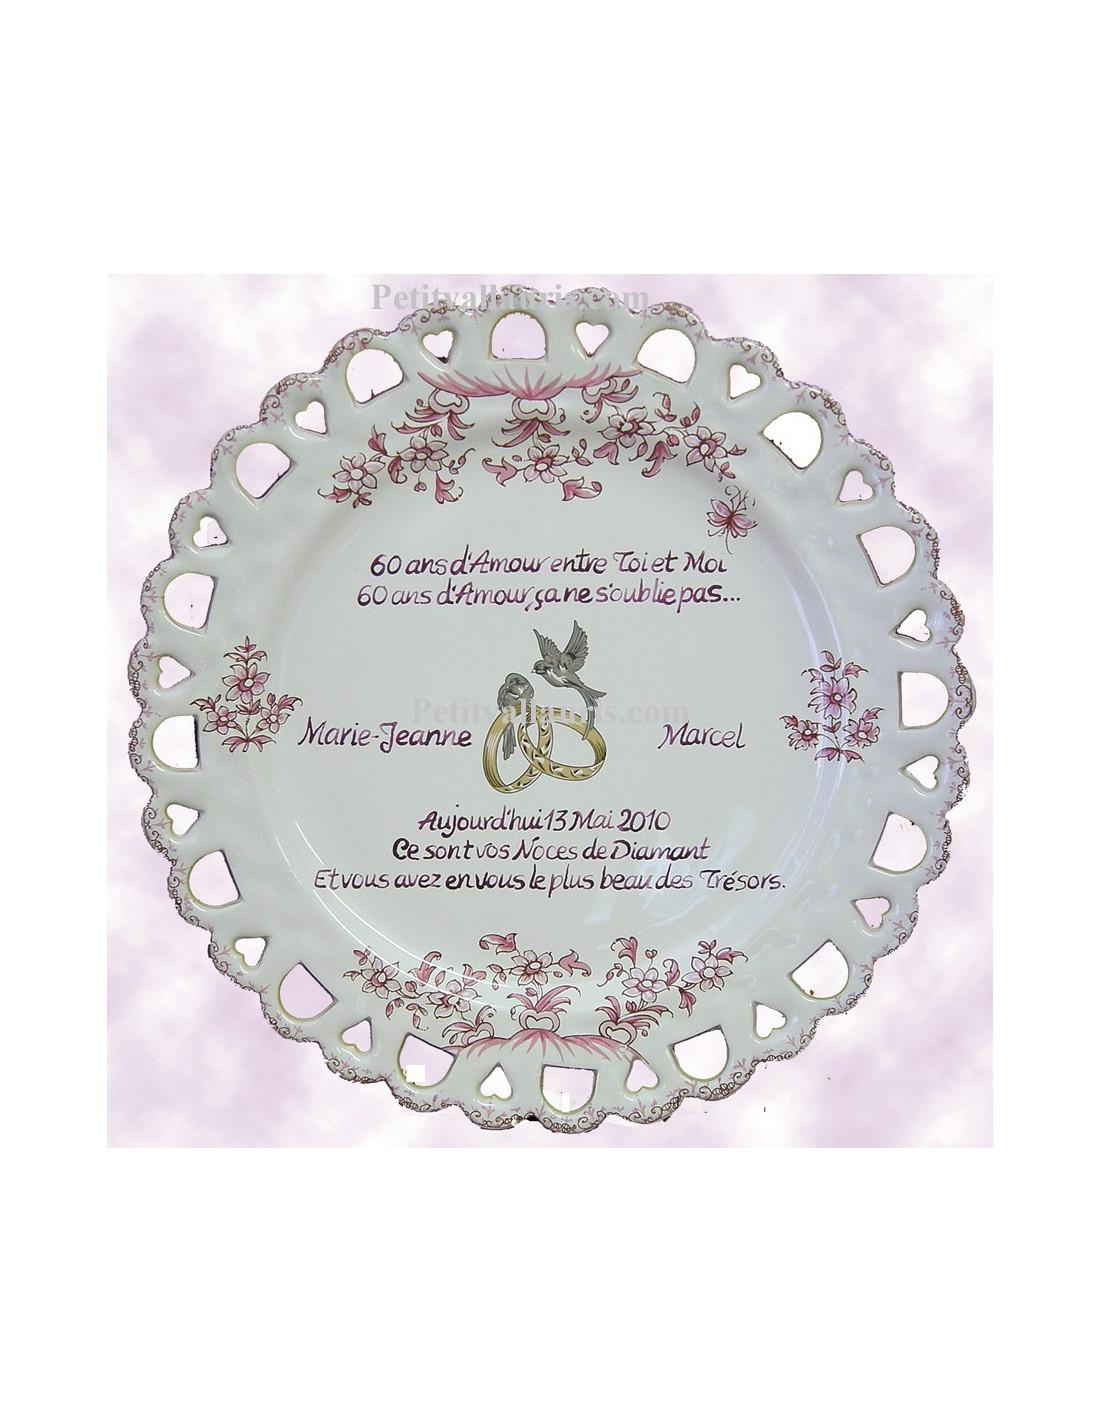 assiette de mariage modle tournesol rose citation personnalise noces de diamant texte rose - Poeme 60 Ans De Mariage Noces De Diamant